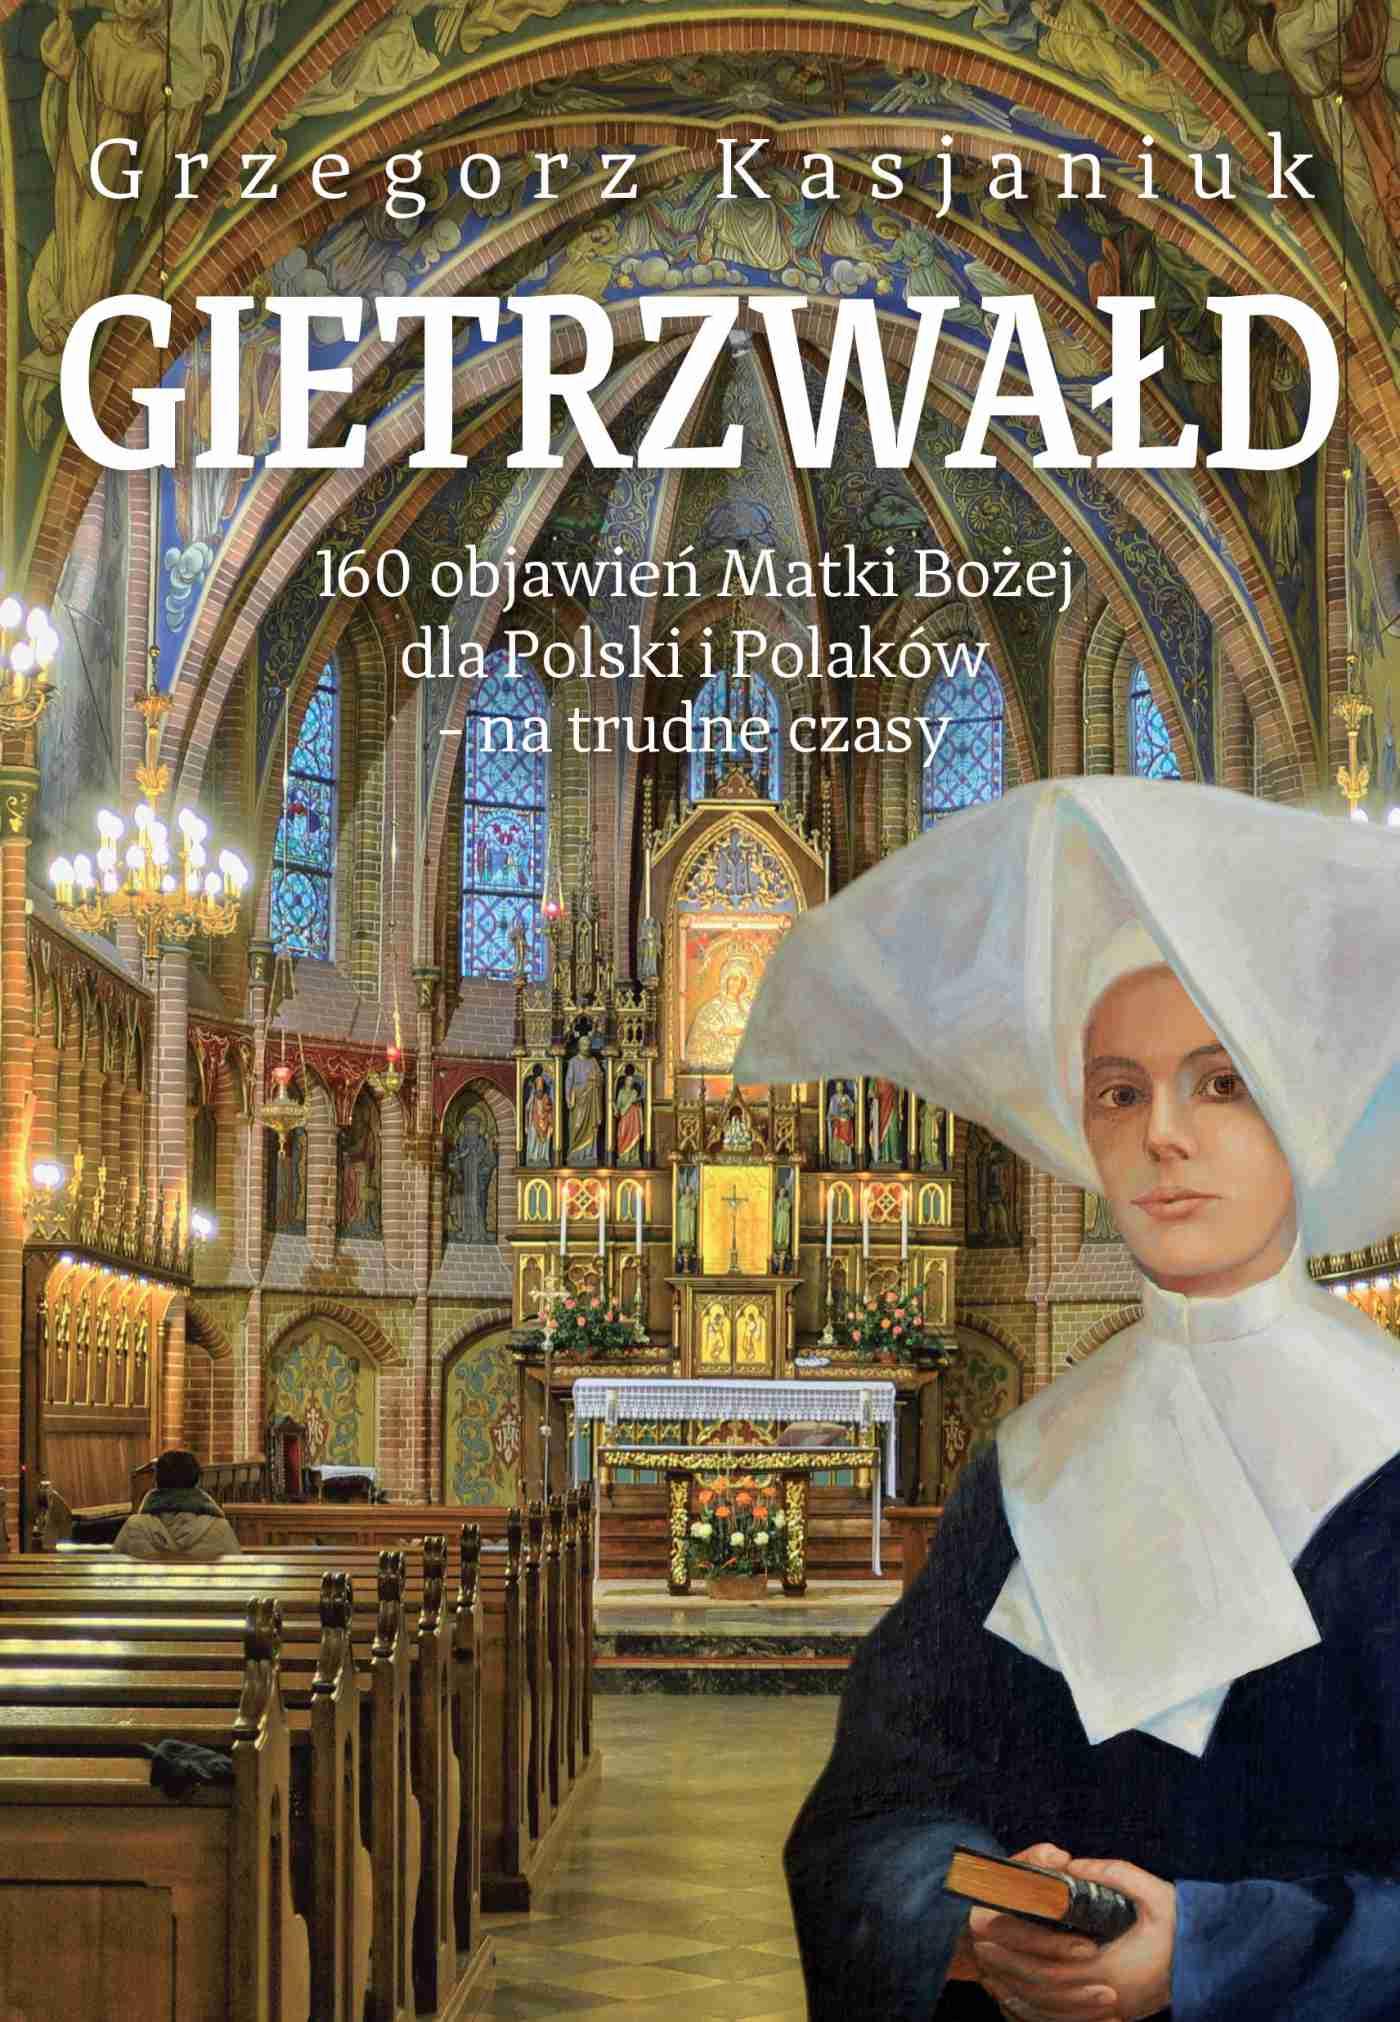 Gietrzwałd. 160 objawień Matki Bożej dla Polski i Polaków - na trudne czasy - Ebook (Książka na Kindle) do pobrania w formacie MOBI